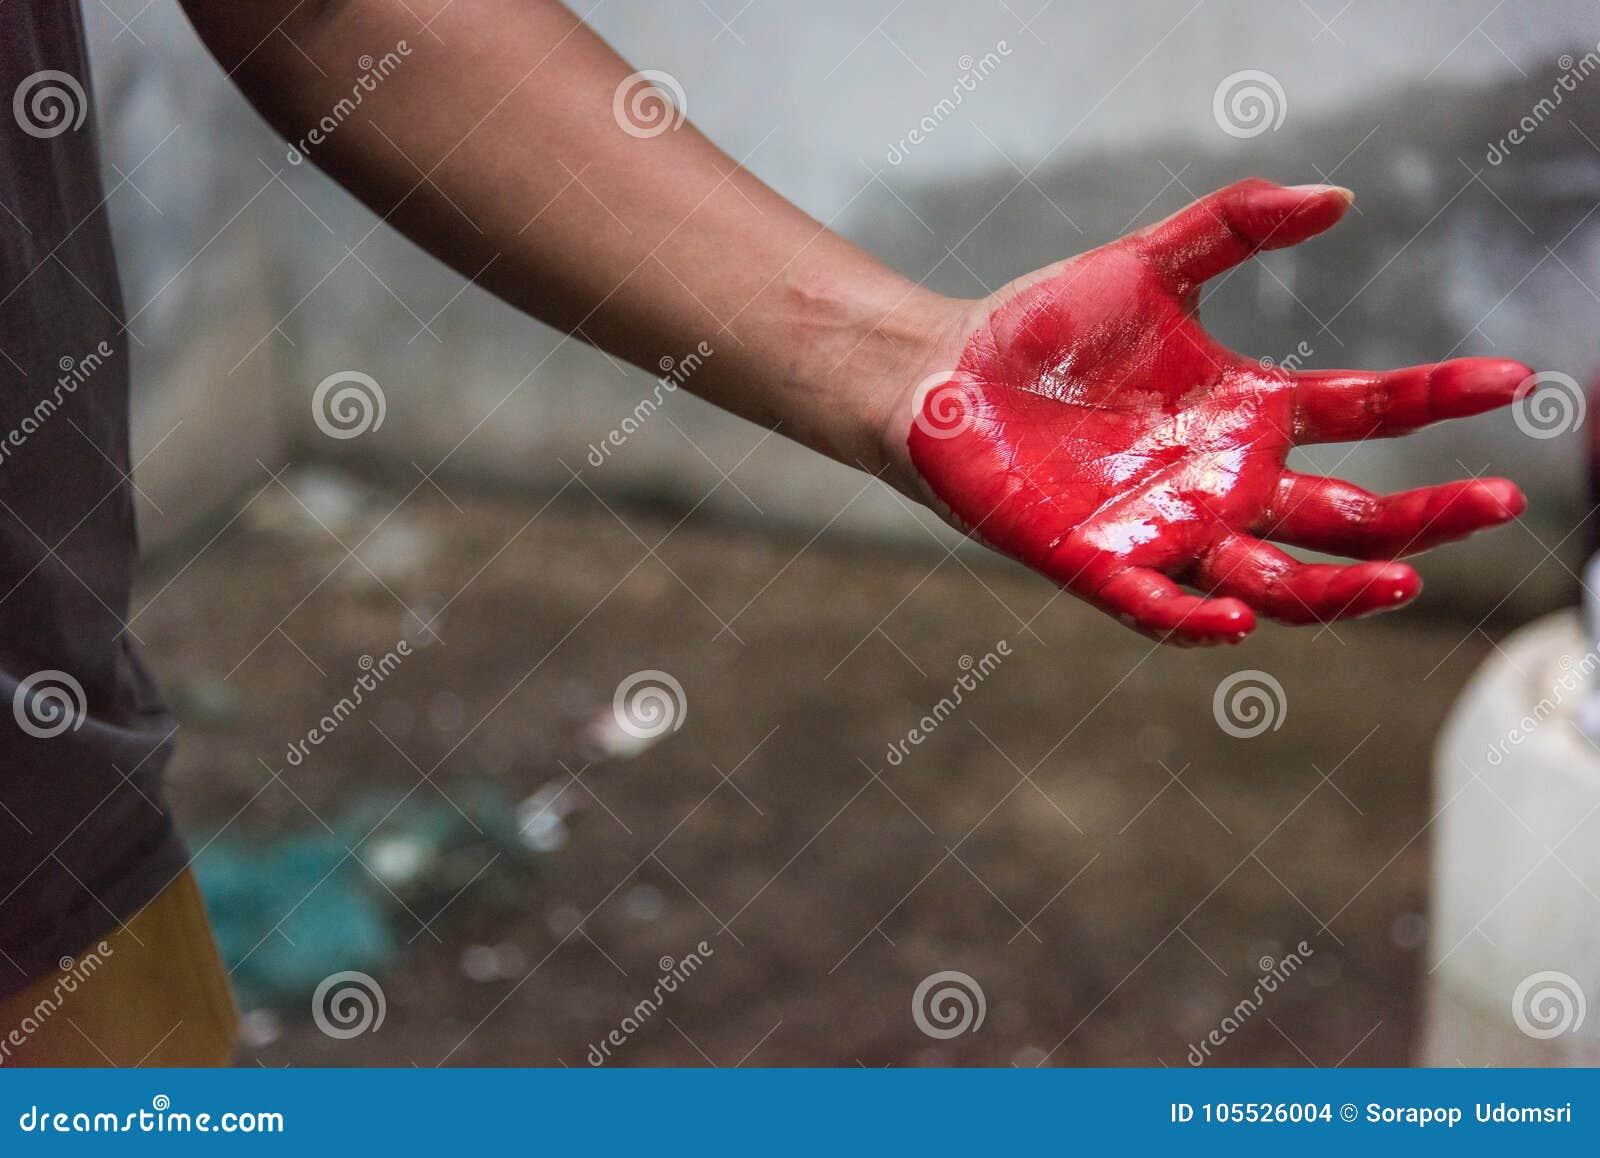 Άτομο χεριών που καλύπτεται στο πολύ αιματηρό κόκκινο μετά από το ατύχημα